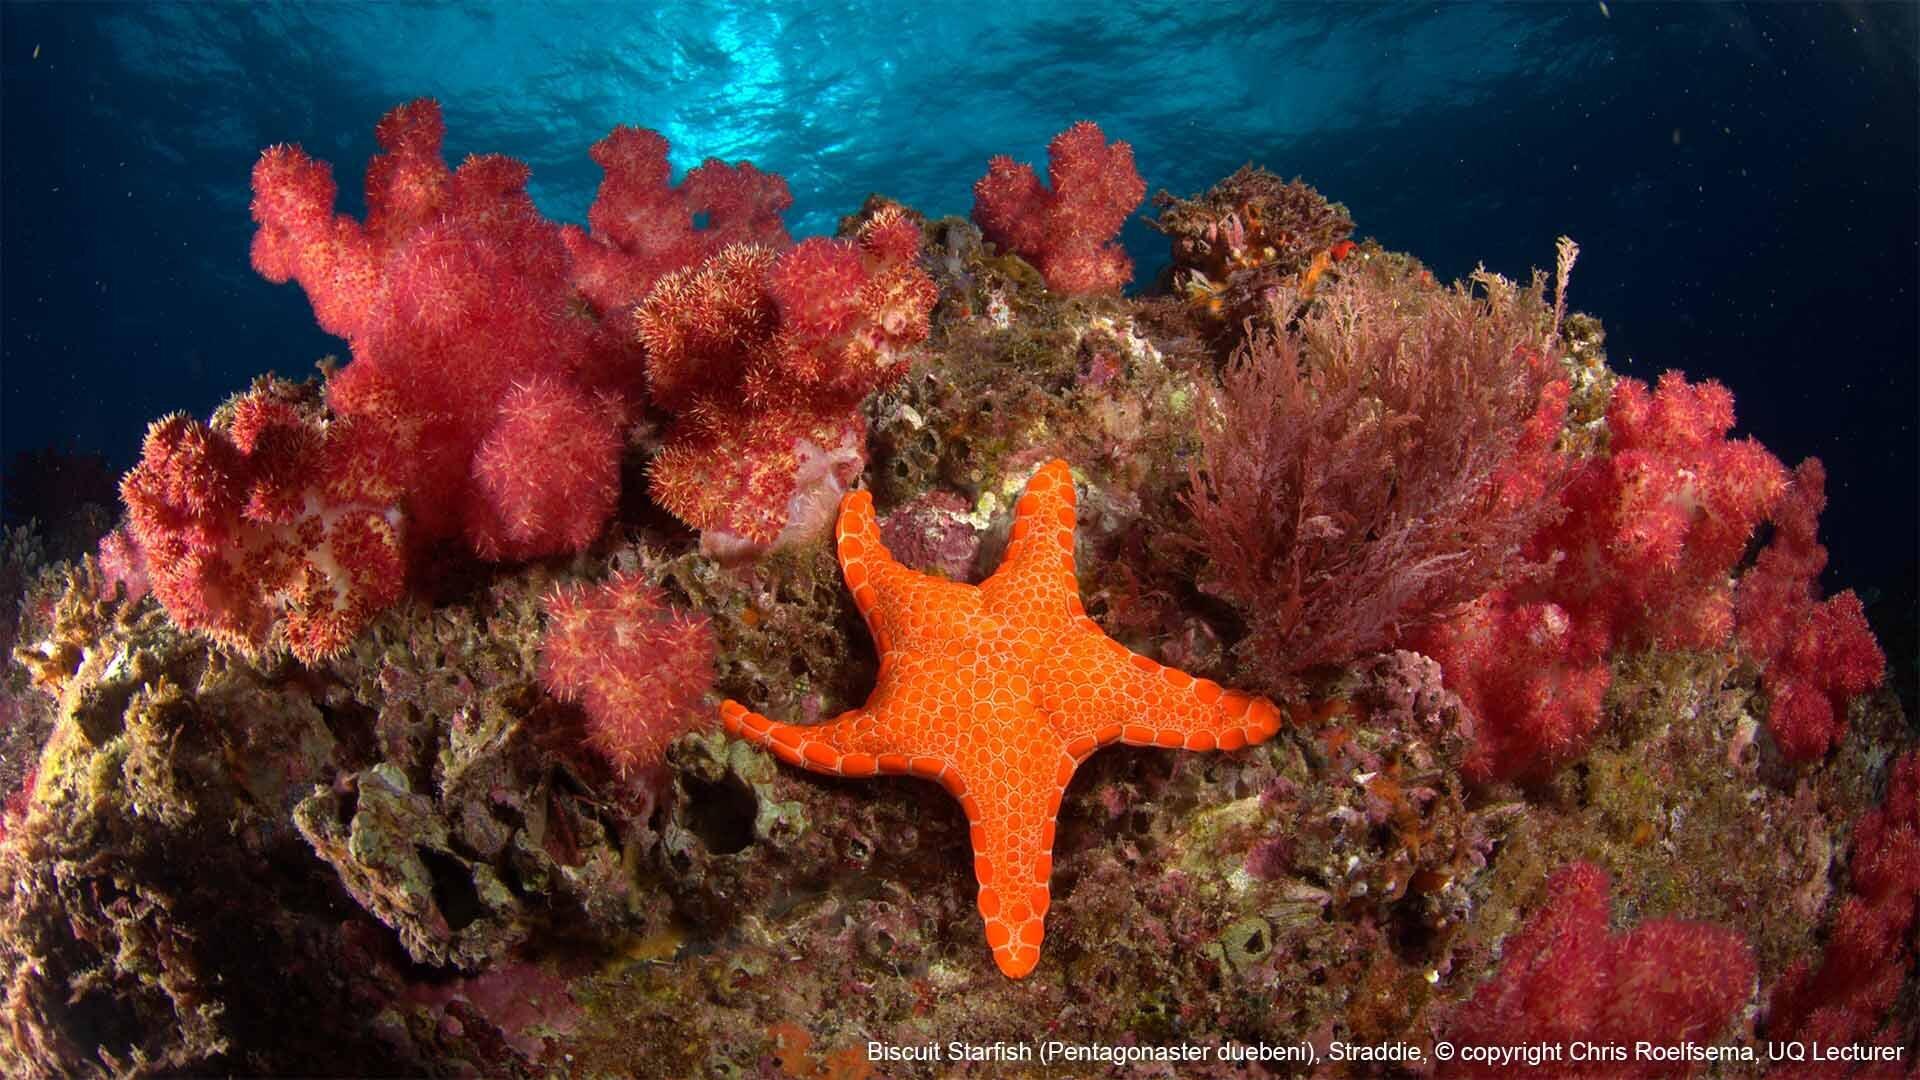 Biscuit Starfish (Pentagonaster duebeni), Straddie, © copyright, Chris Roelfseama, UQ Lecturer captioned